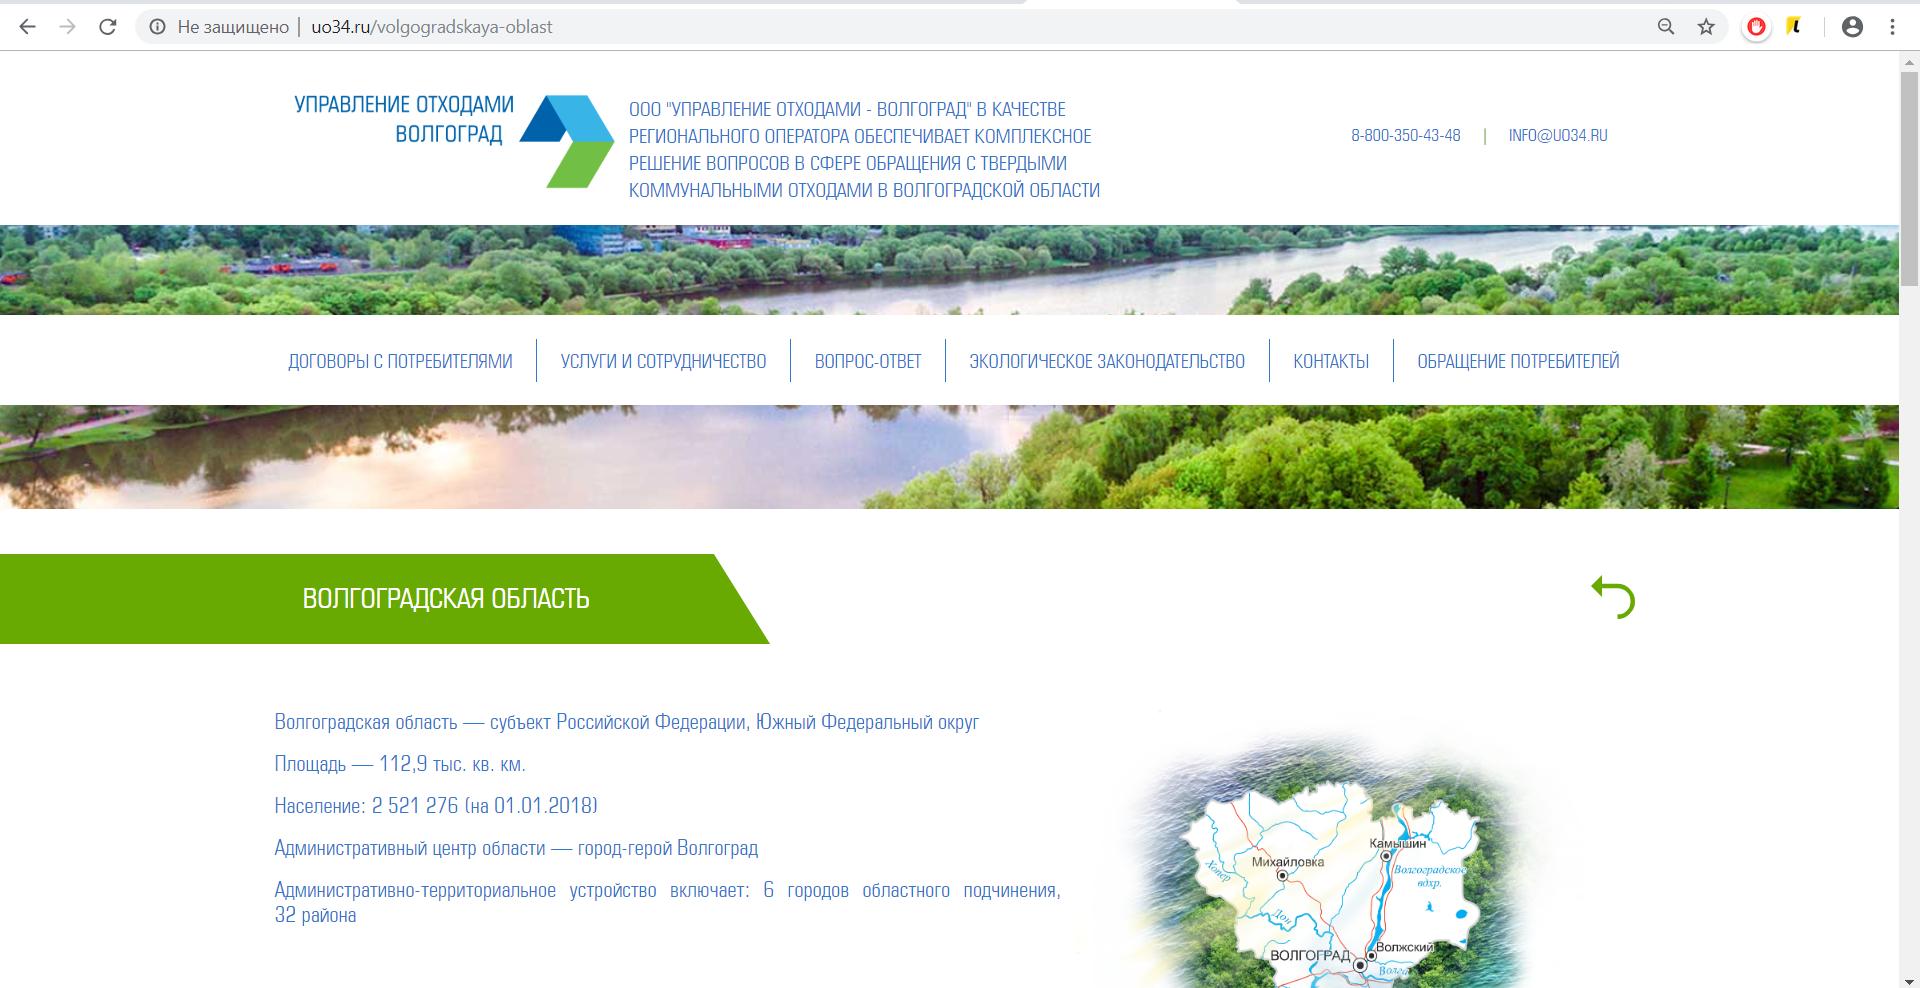 Региональный оператор поТКО Волгоградская область